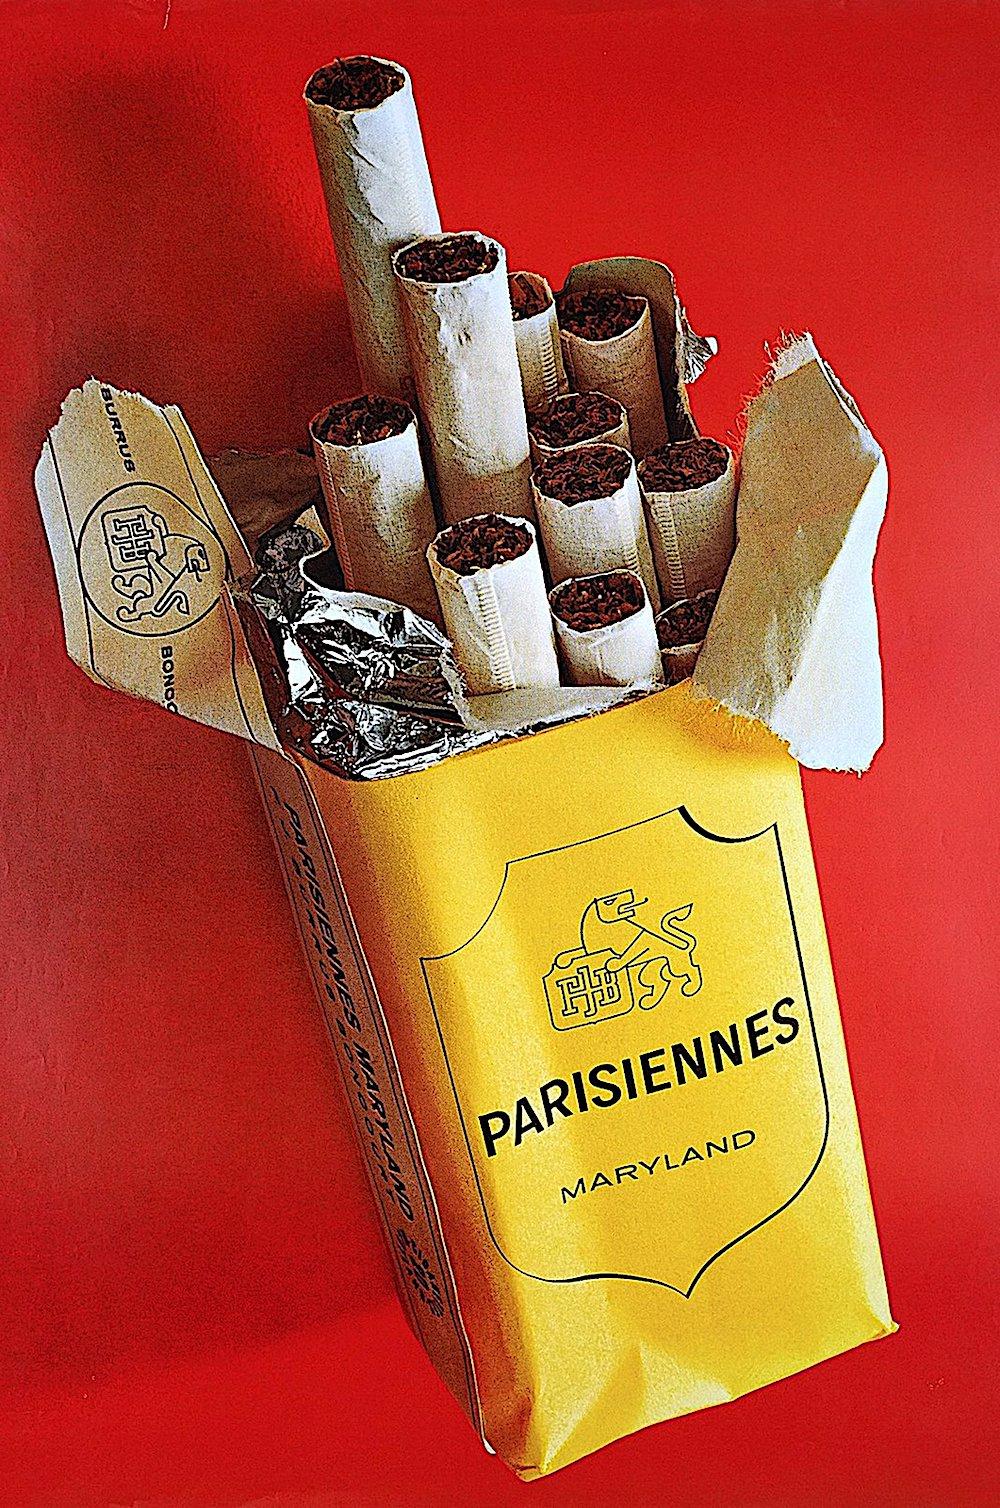 1965 Parisiennes cigarettes